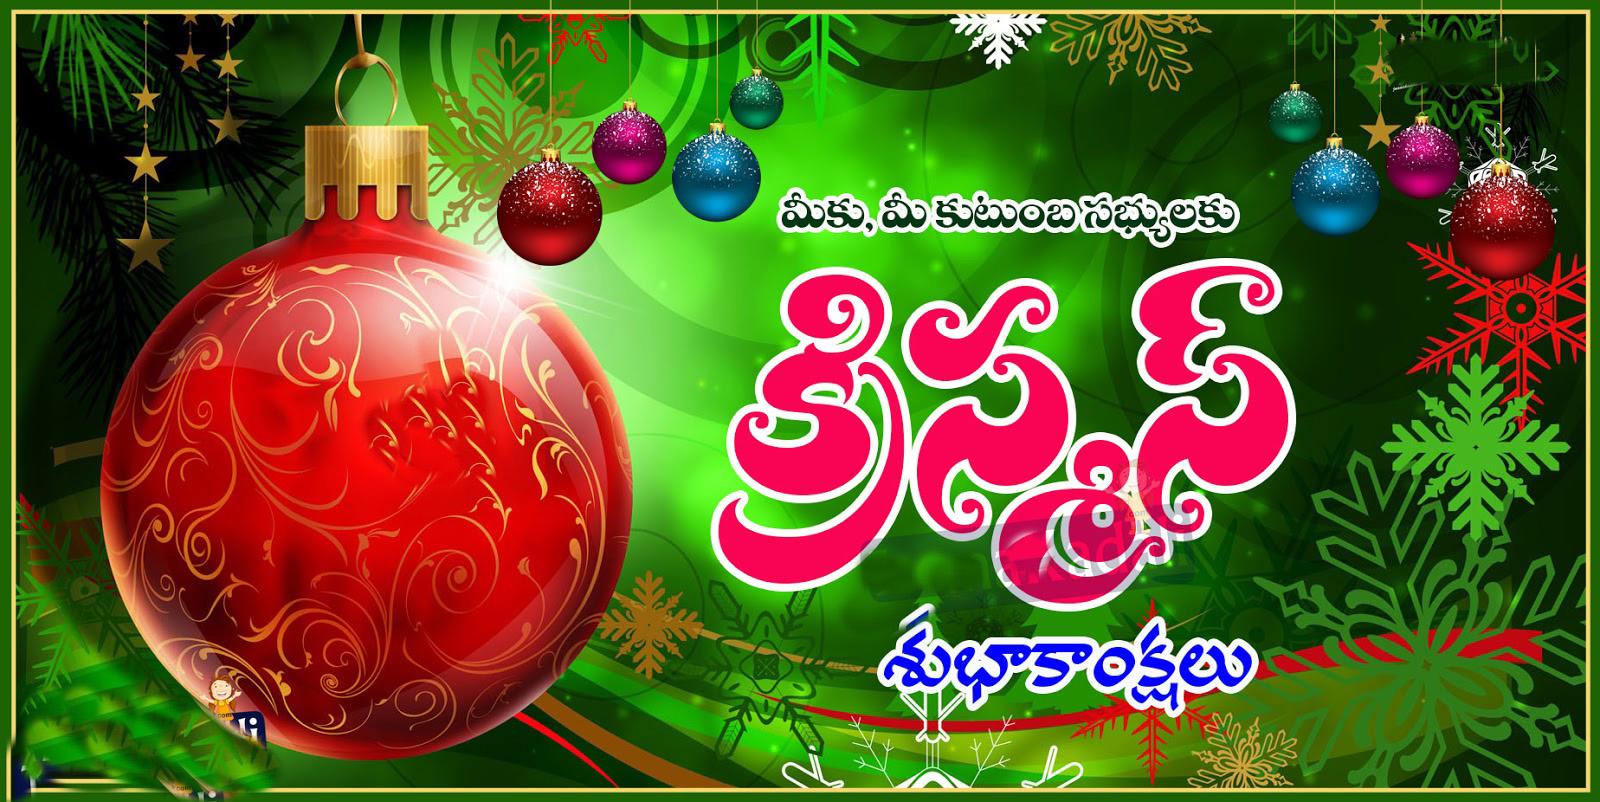 Telugu Christmas - 0Xc